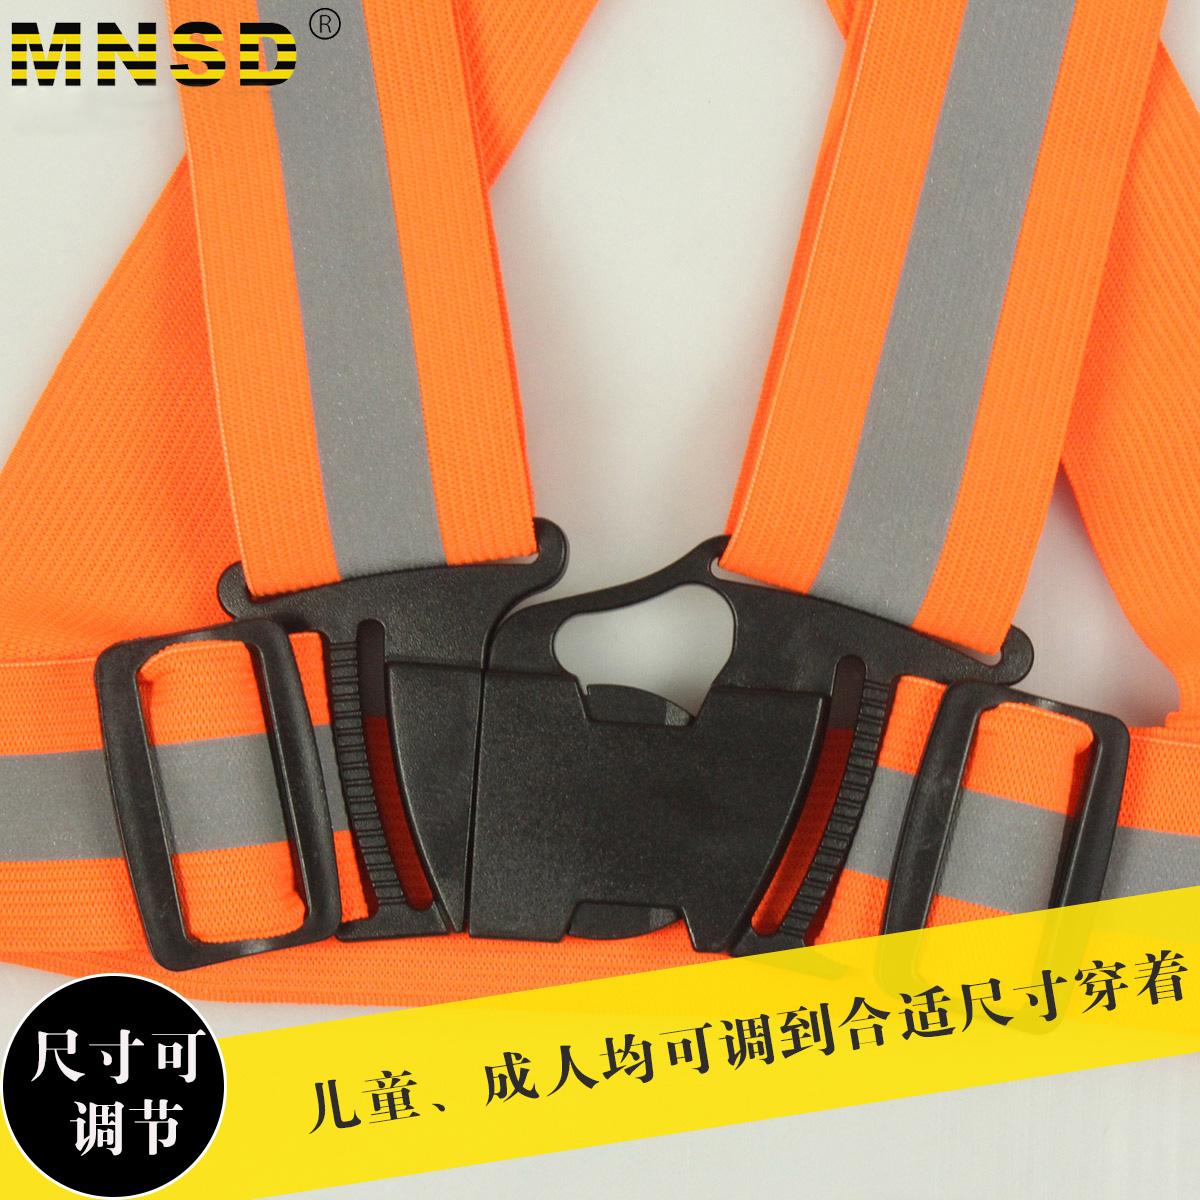 MNSD弹性织带反光背心 施工背带衣汽车夜跑 骑行安全马甲 可调节